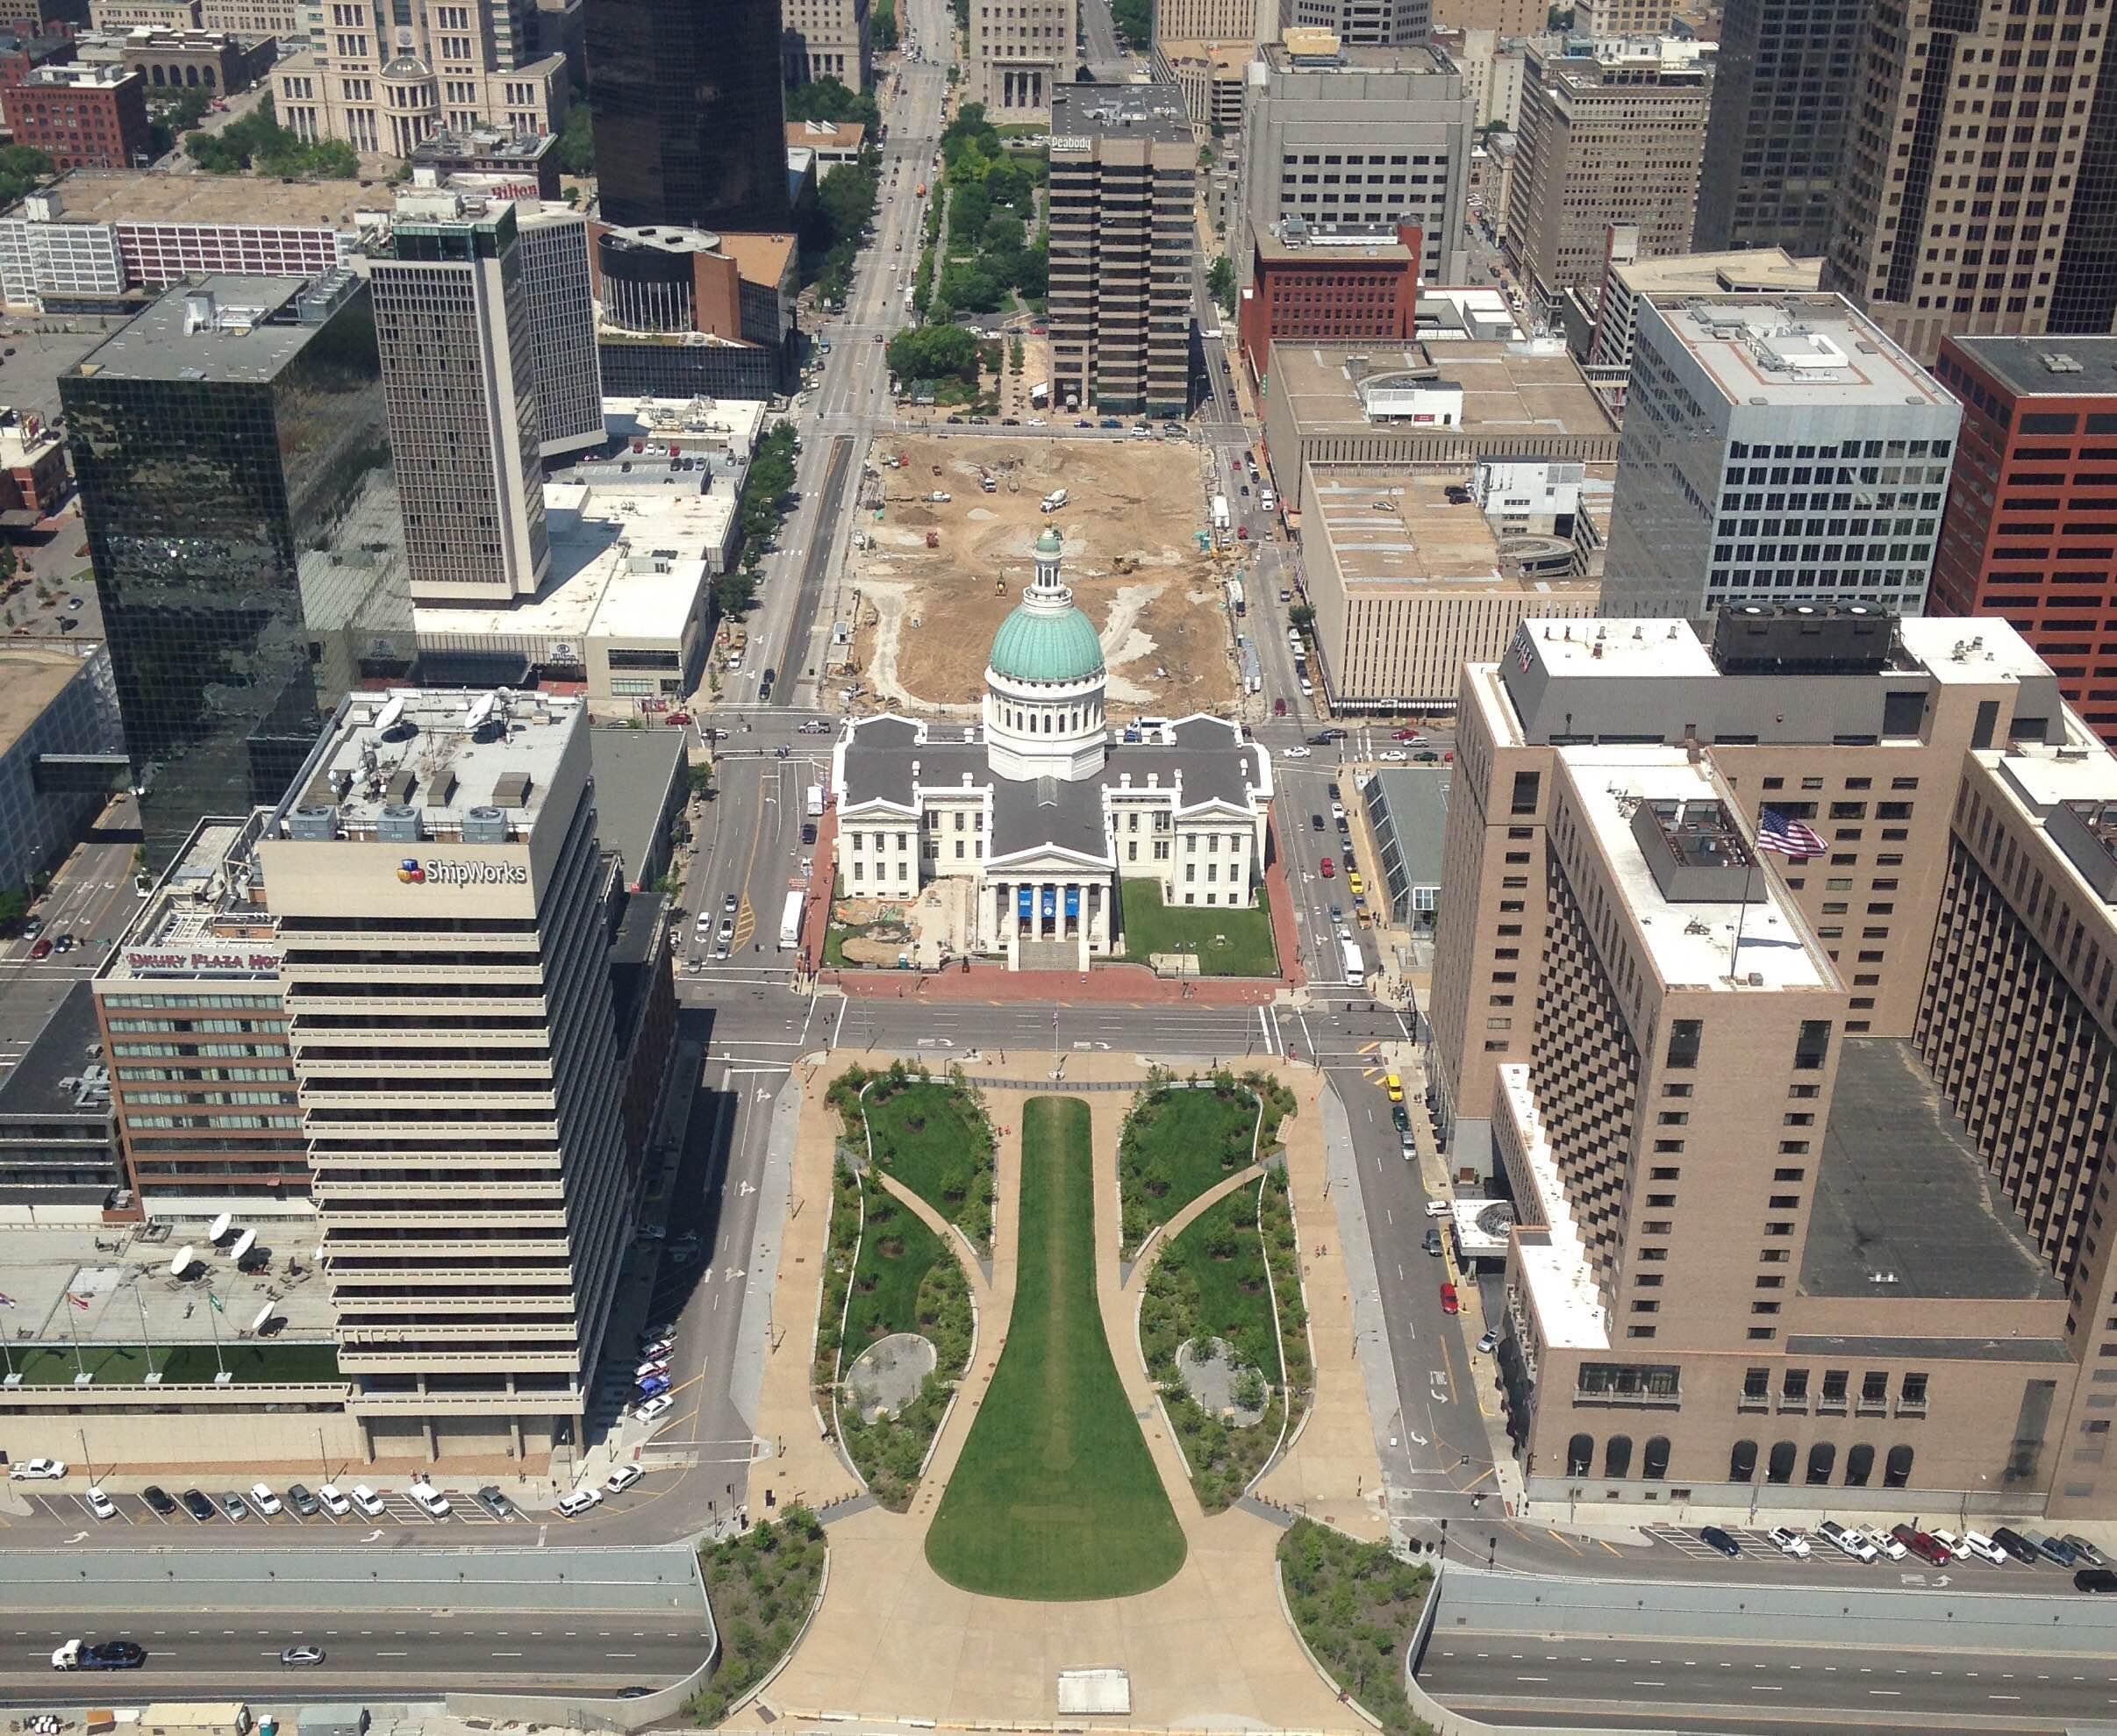 15 St Louis 01.jpeg